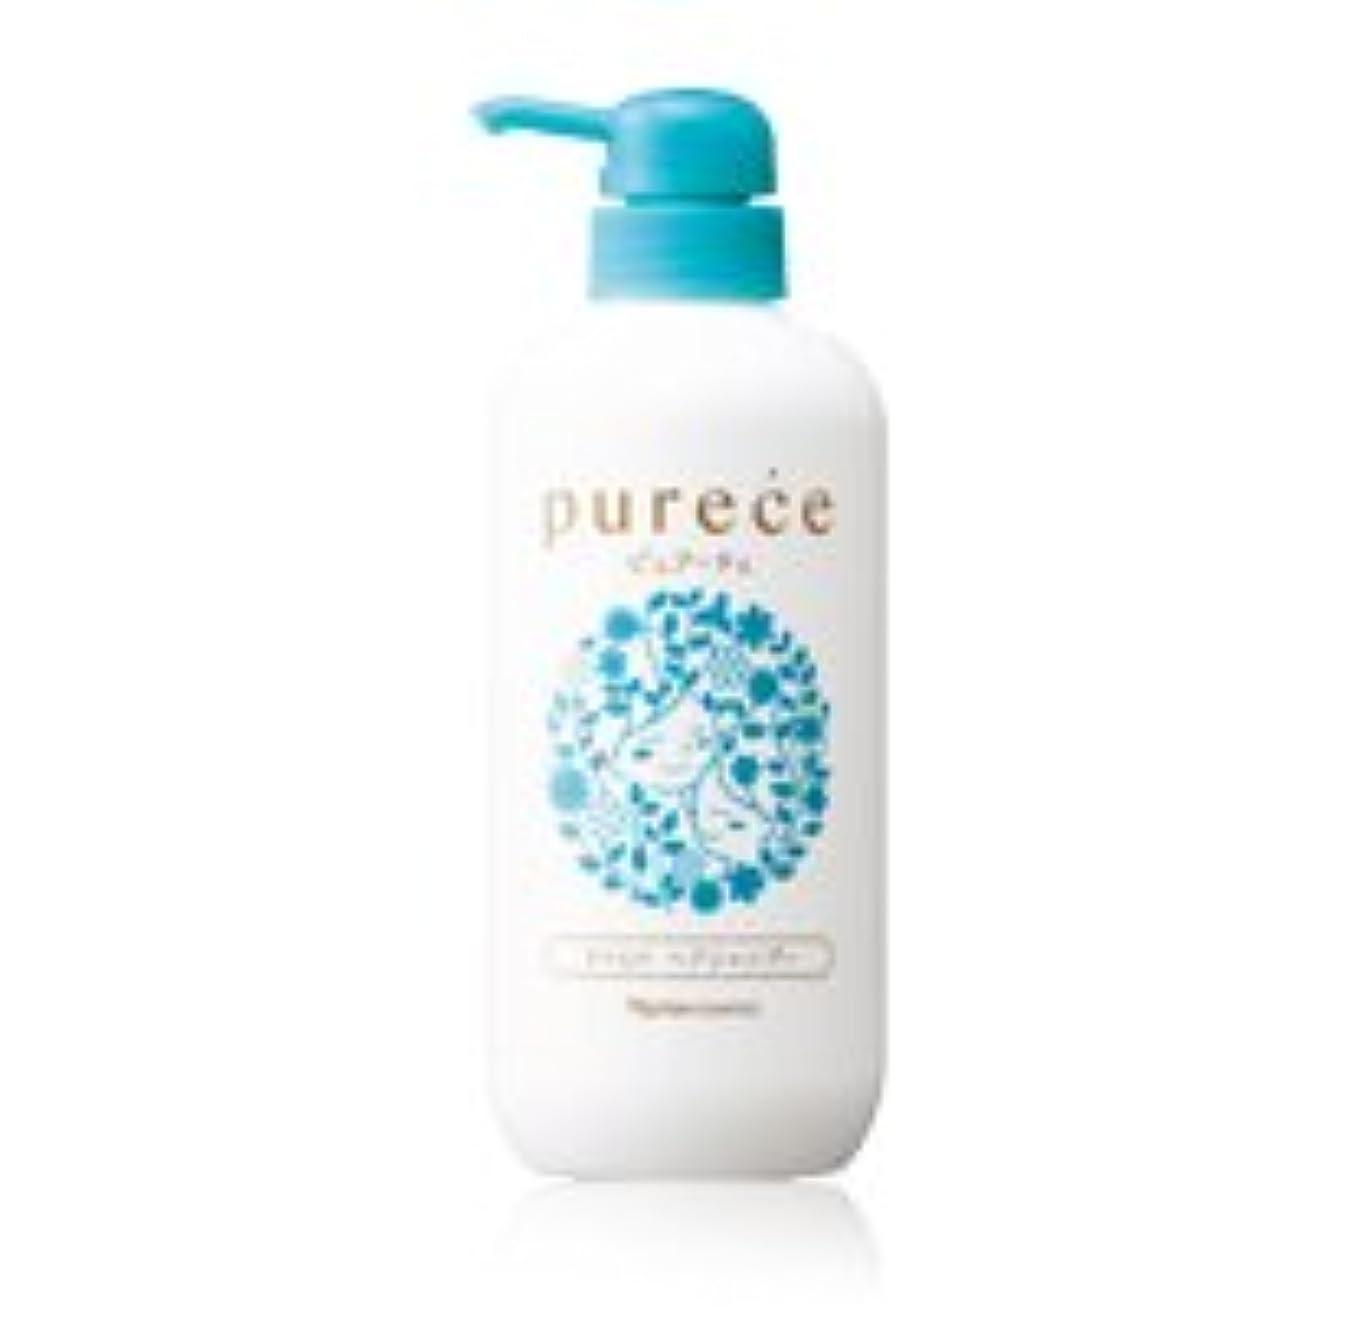 衝撃オーストラリア人計算可能ナリス化粧品 ピュアーチェ(PURECE) マイルドヘアシャンプー LS 550ml [本体]